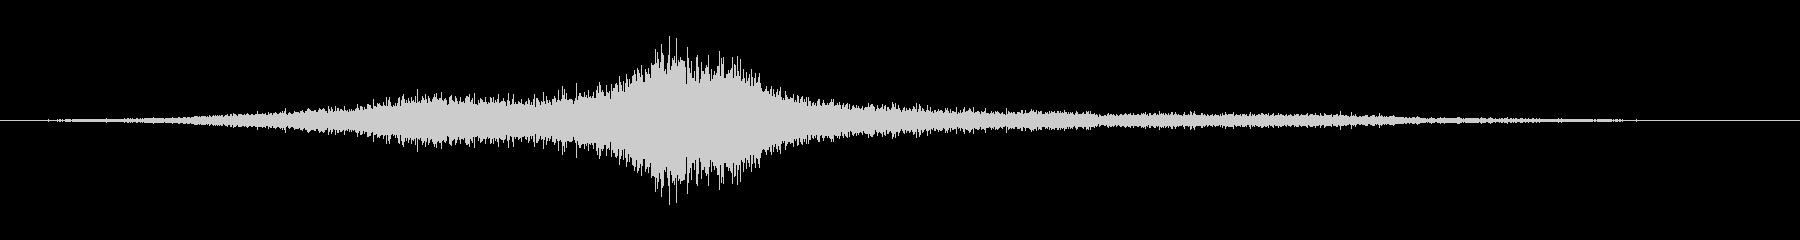 【生録音】 早朝の街 交通 環境音 16の未再生の波形